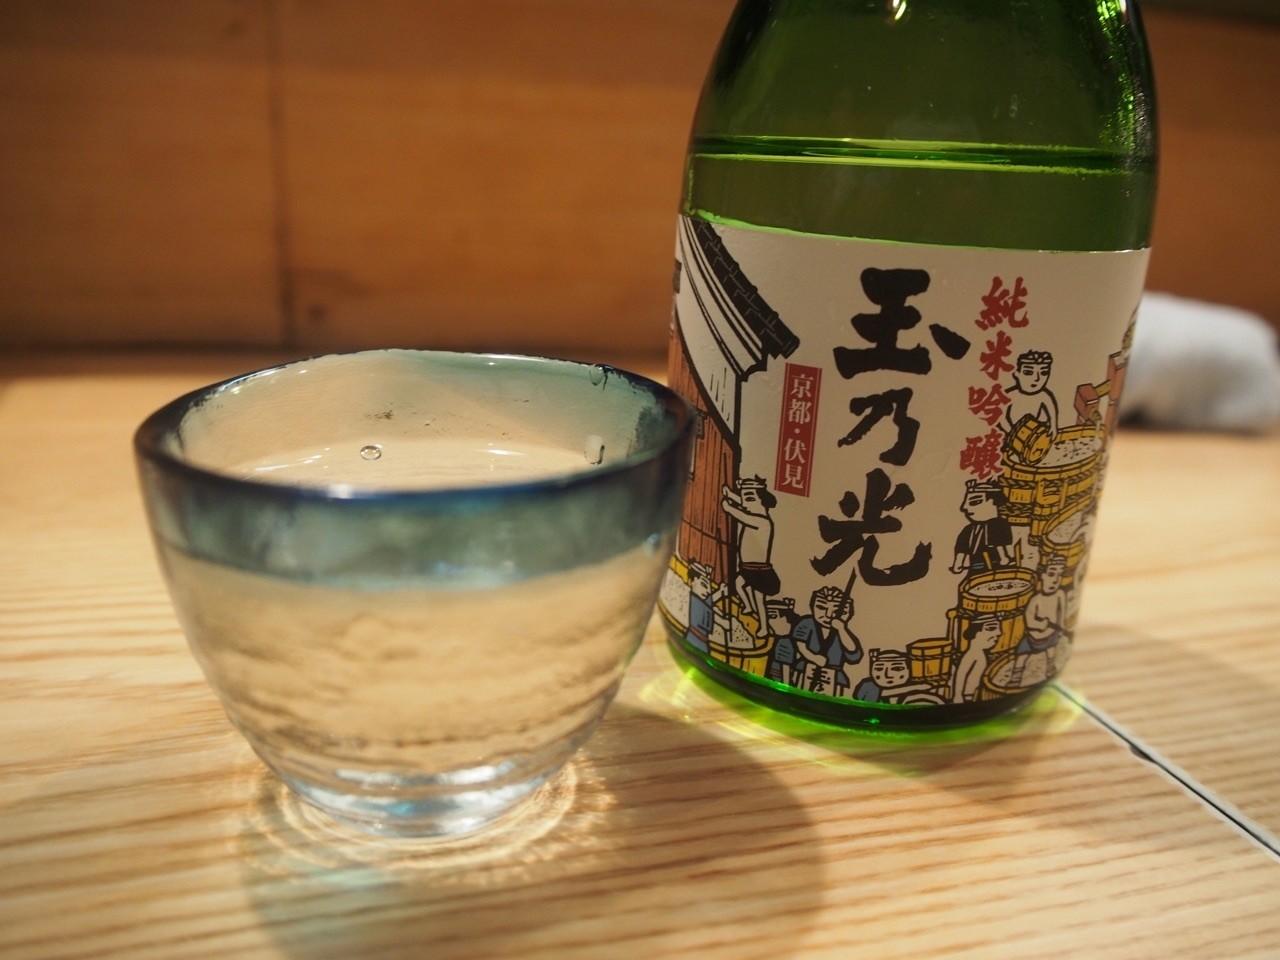 日本居酒屋玉乃光純米吟醸